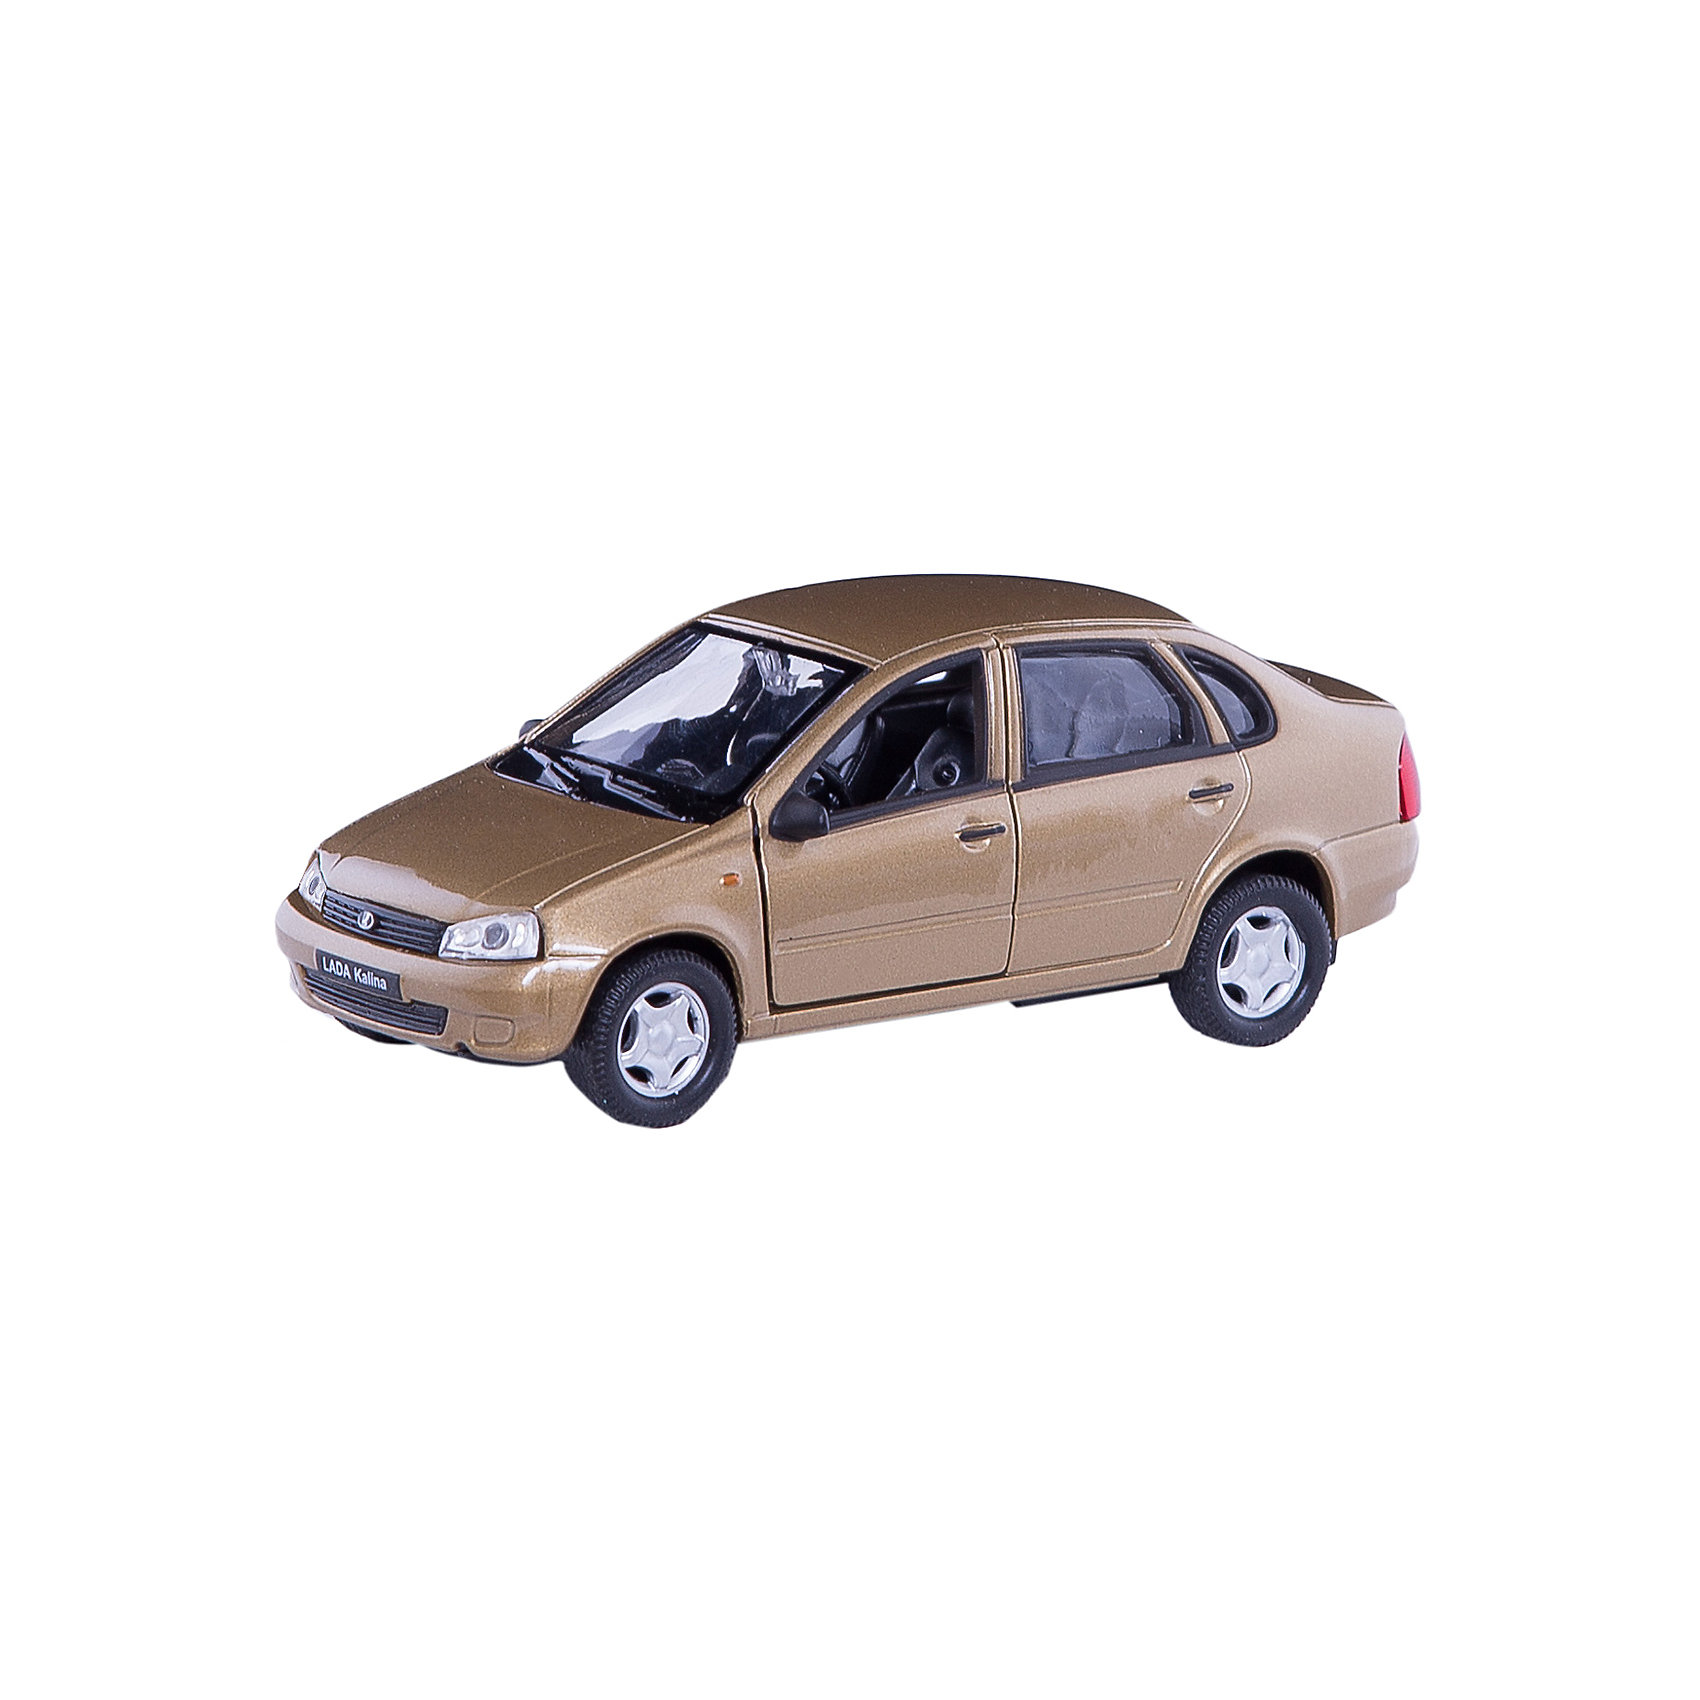 Модель машины 1:34-39 LADA Kalina, WellyМашинки<br>Коллекционная модель машины  масштаба 1:34-39 LADA Kalina. Функции: открываются передние двери, инерционный механизм.<br>Цвет кузова автомобиля представлен в ассортименте. Выбрать определенный цвет заранее не представляется возможным.<br><br>Ширина мм: 60<br>Глубина мм: 110<br>Высота мм: 150<br>Вес г: 184<br>Возраст от месяцев: 36<br>Возраст до месяцев: 192<br>Пол: Мужской<br>Возраст: Детский<br>SKU: 4966516